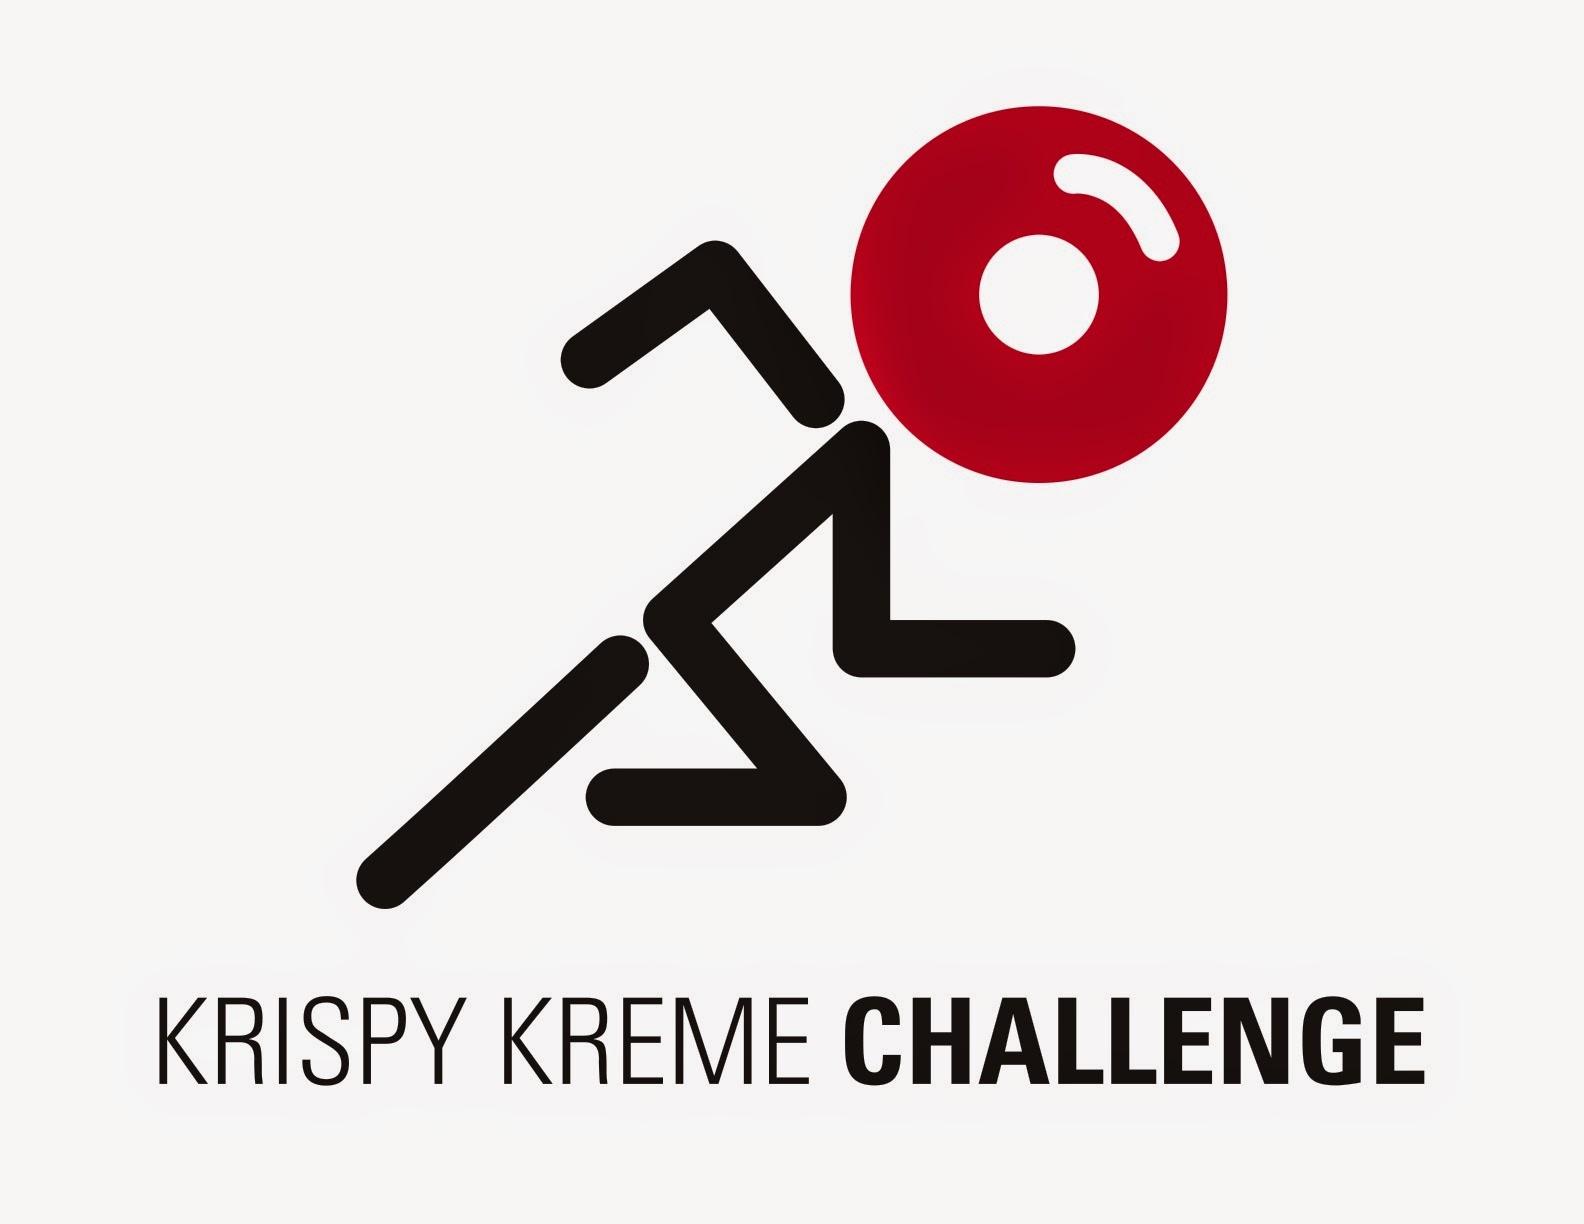 Krispy Kreme Challenge 2015